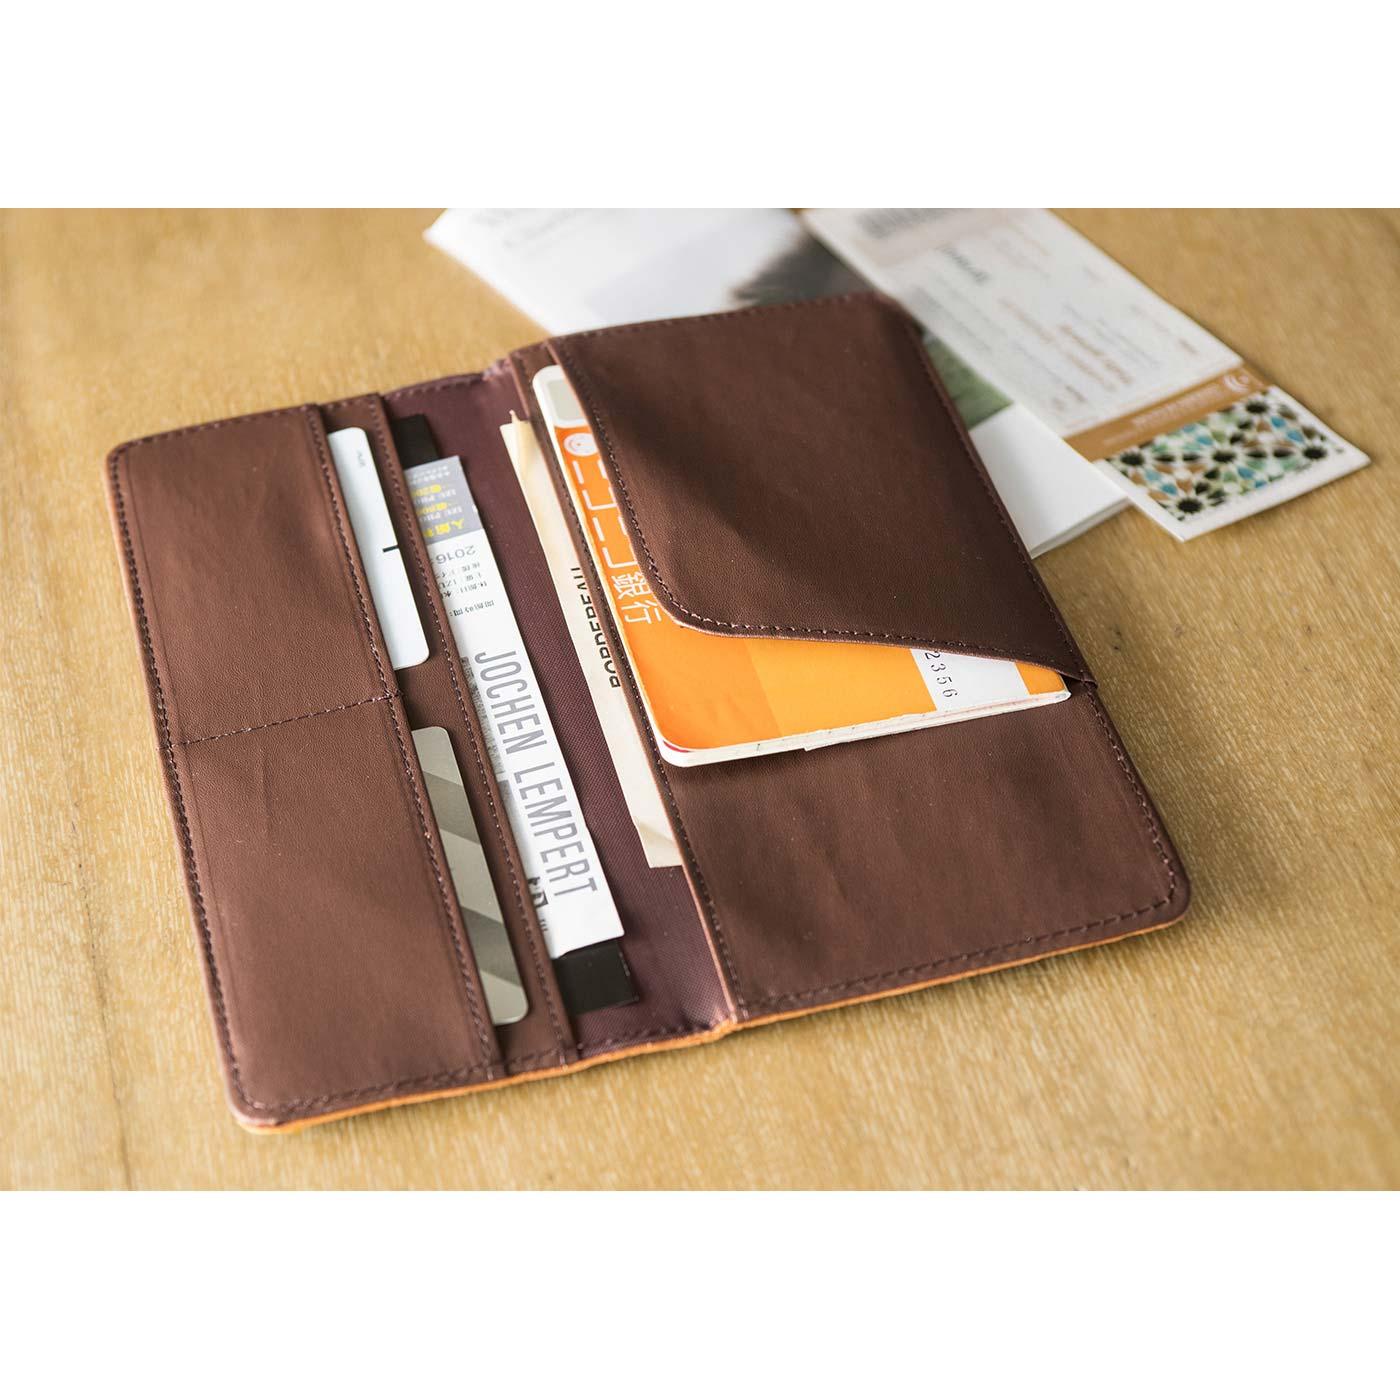 横長ケース 板チョコみたいなケースは、通帳やカードをまとめて収納するのに便利。海外へ行くときは、パスポートケースにも。 ■サイズ/縦約9.5cm、横約22cm(閉じた状態)